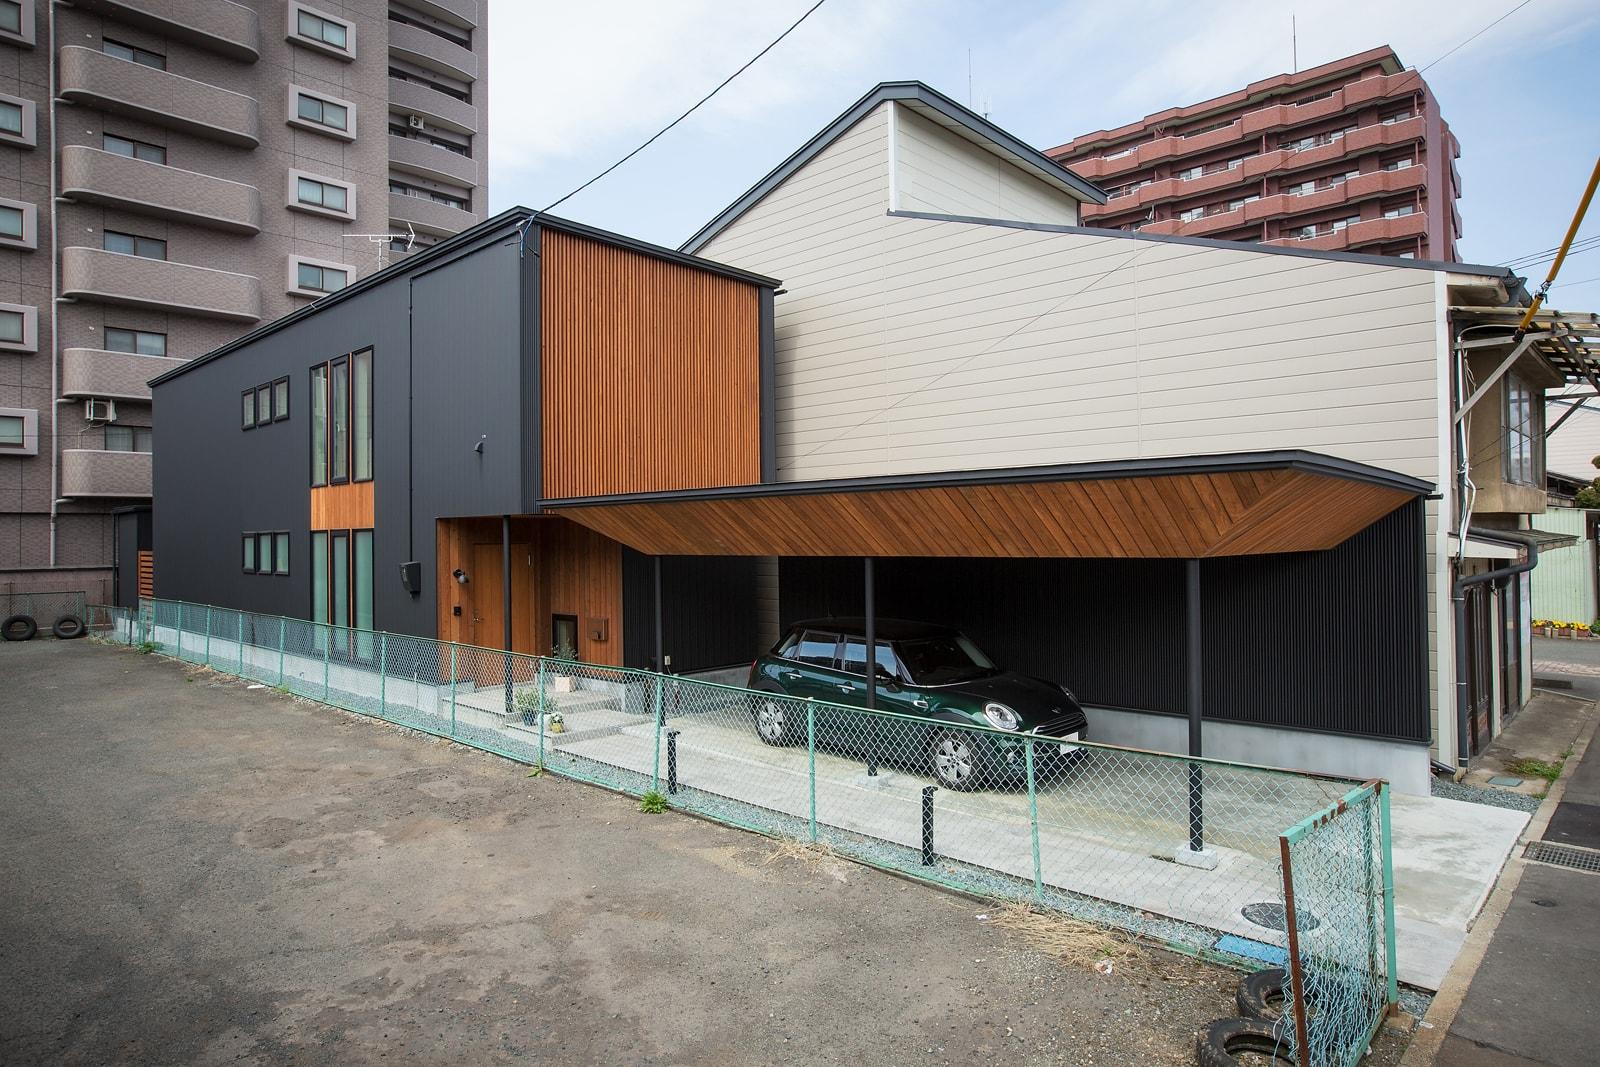 正面には繊細な木格子、ガレージには板張りを用いて、町屋の名残がある界隈に馴染む意匠にしている